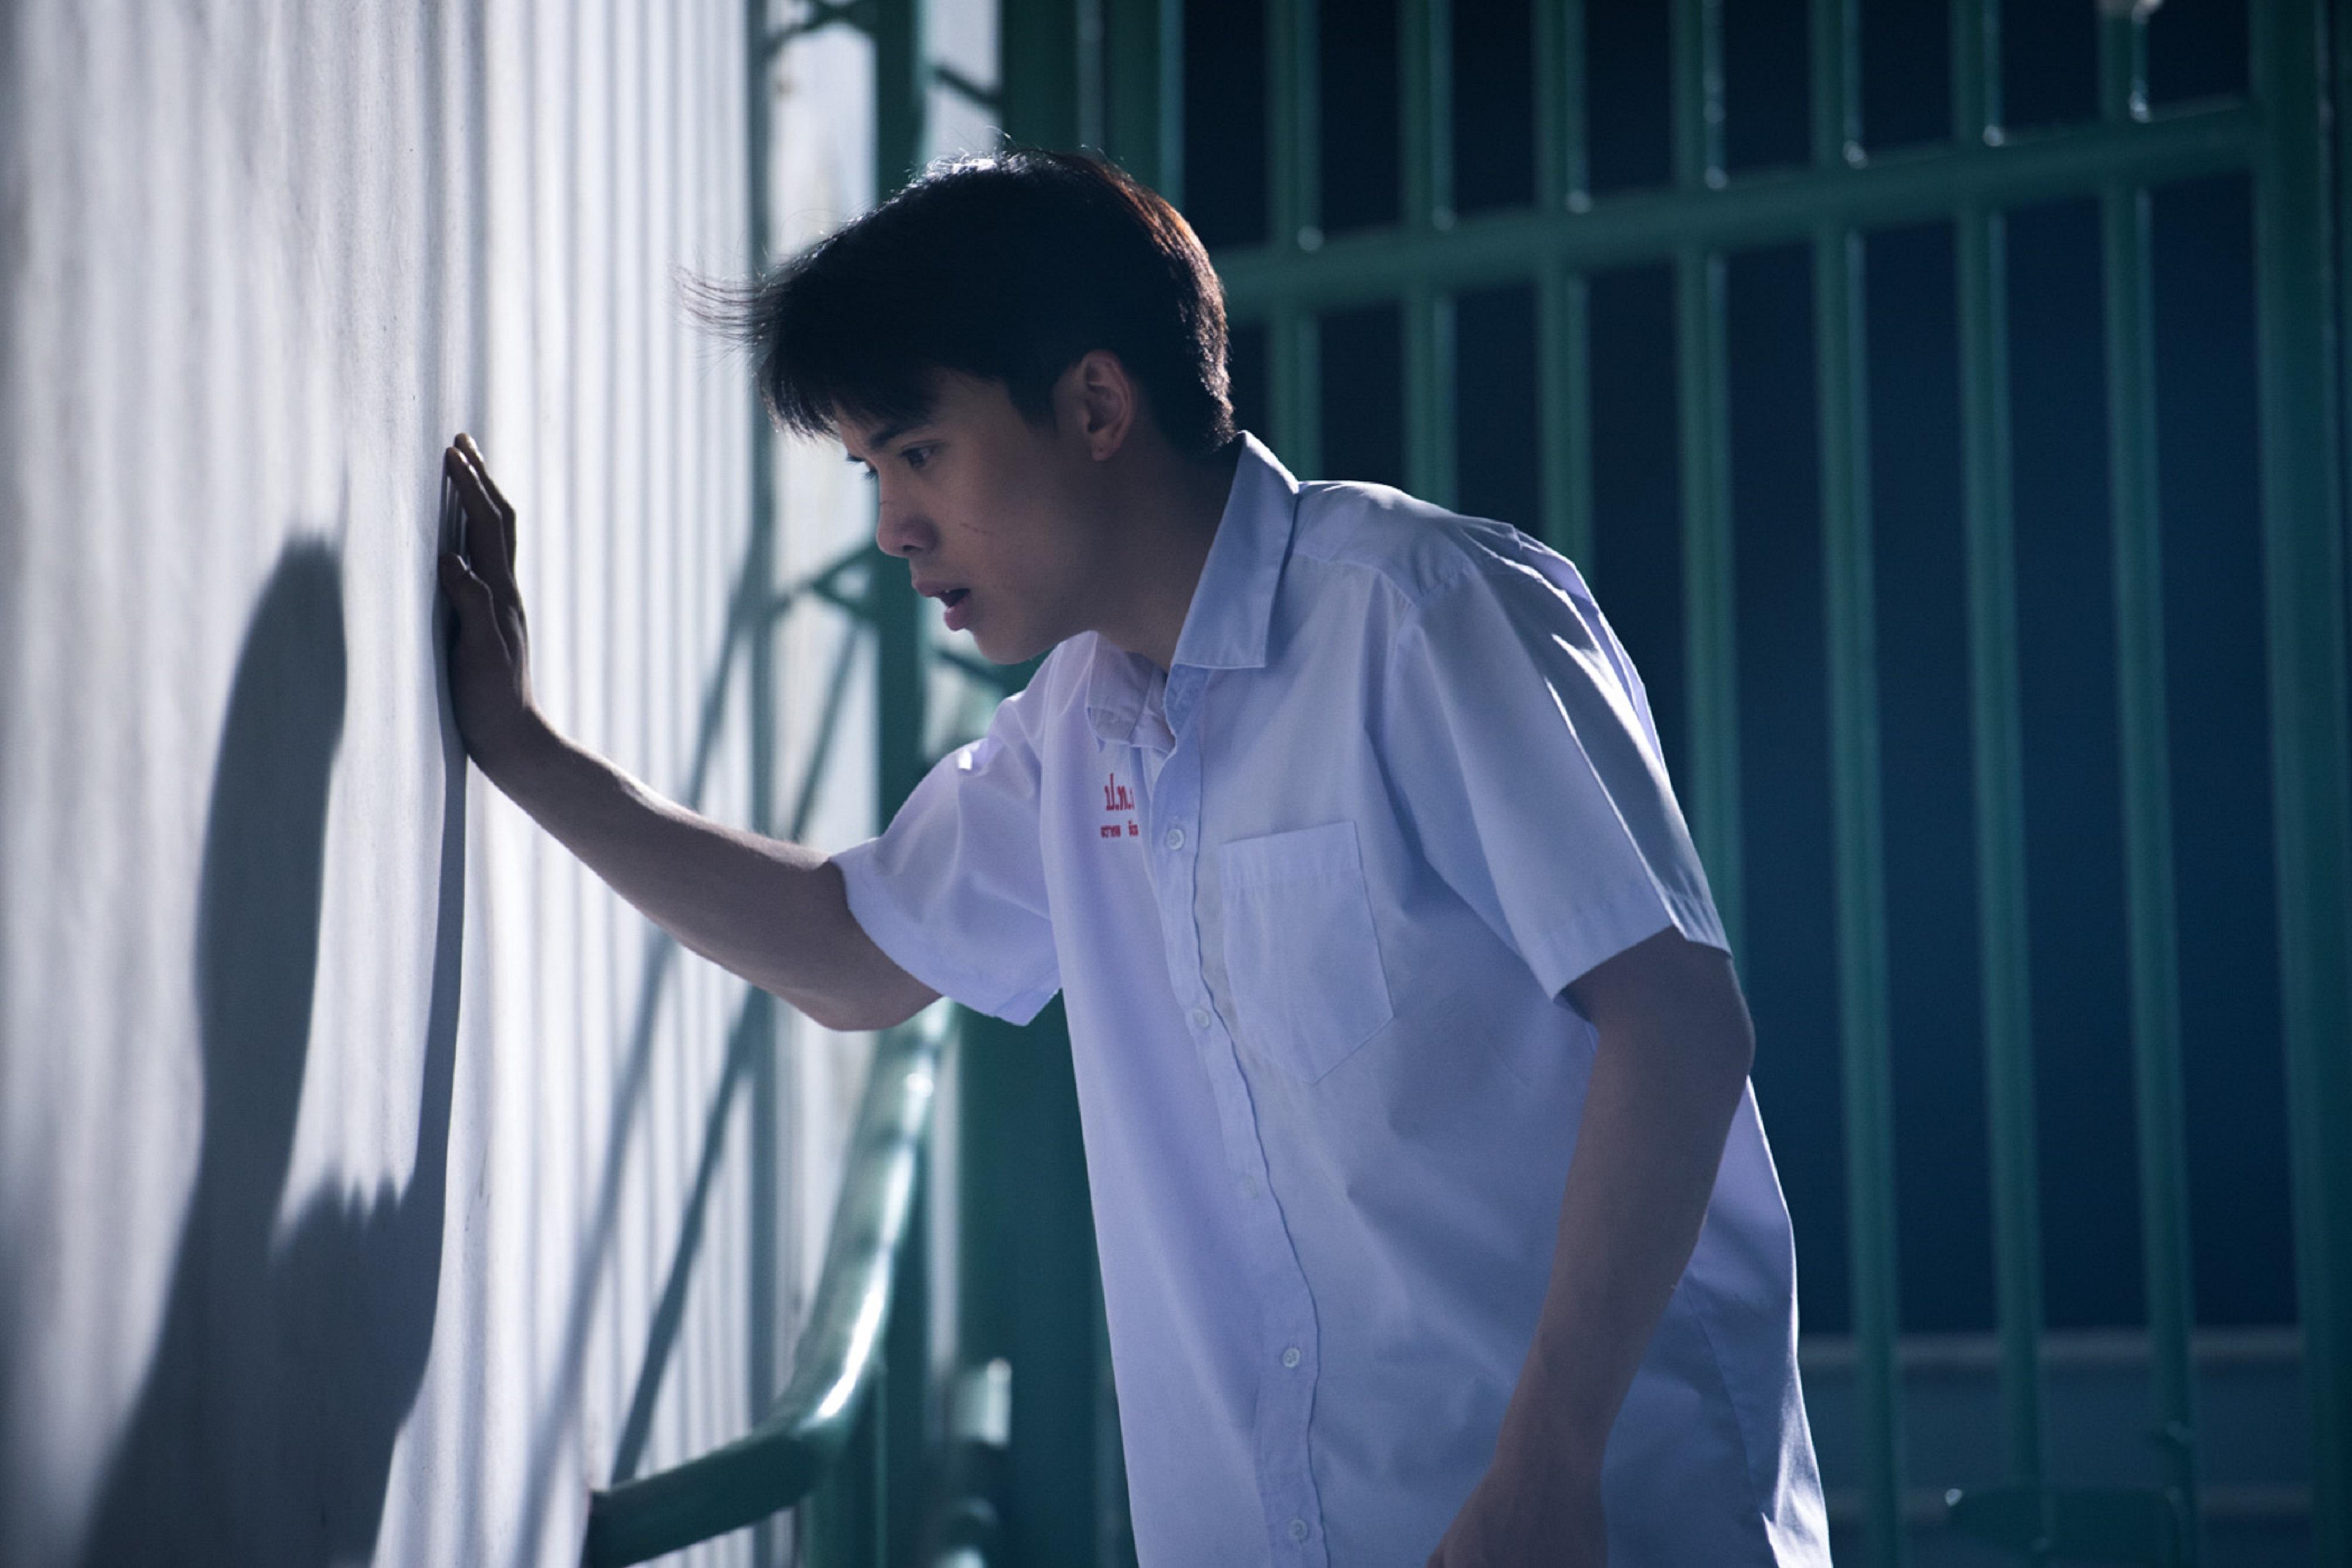 《模犯生》阿派《借來的100天》大街裸奔不害羞  瞿友寧導演大讚 「譽為泰國《與神同行》不負此名」